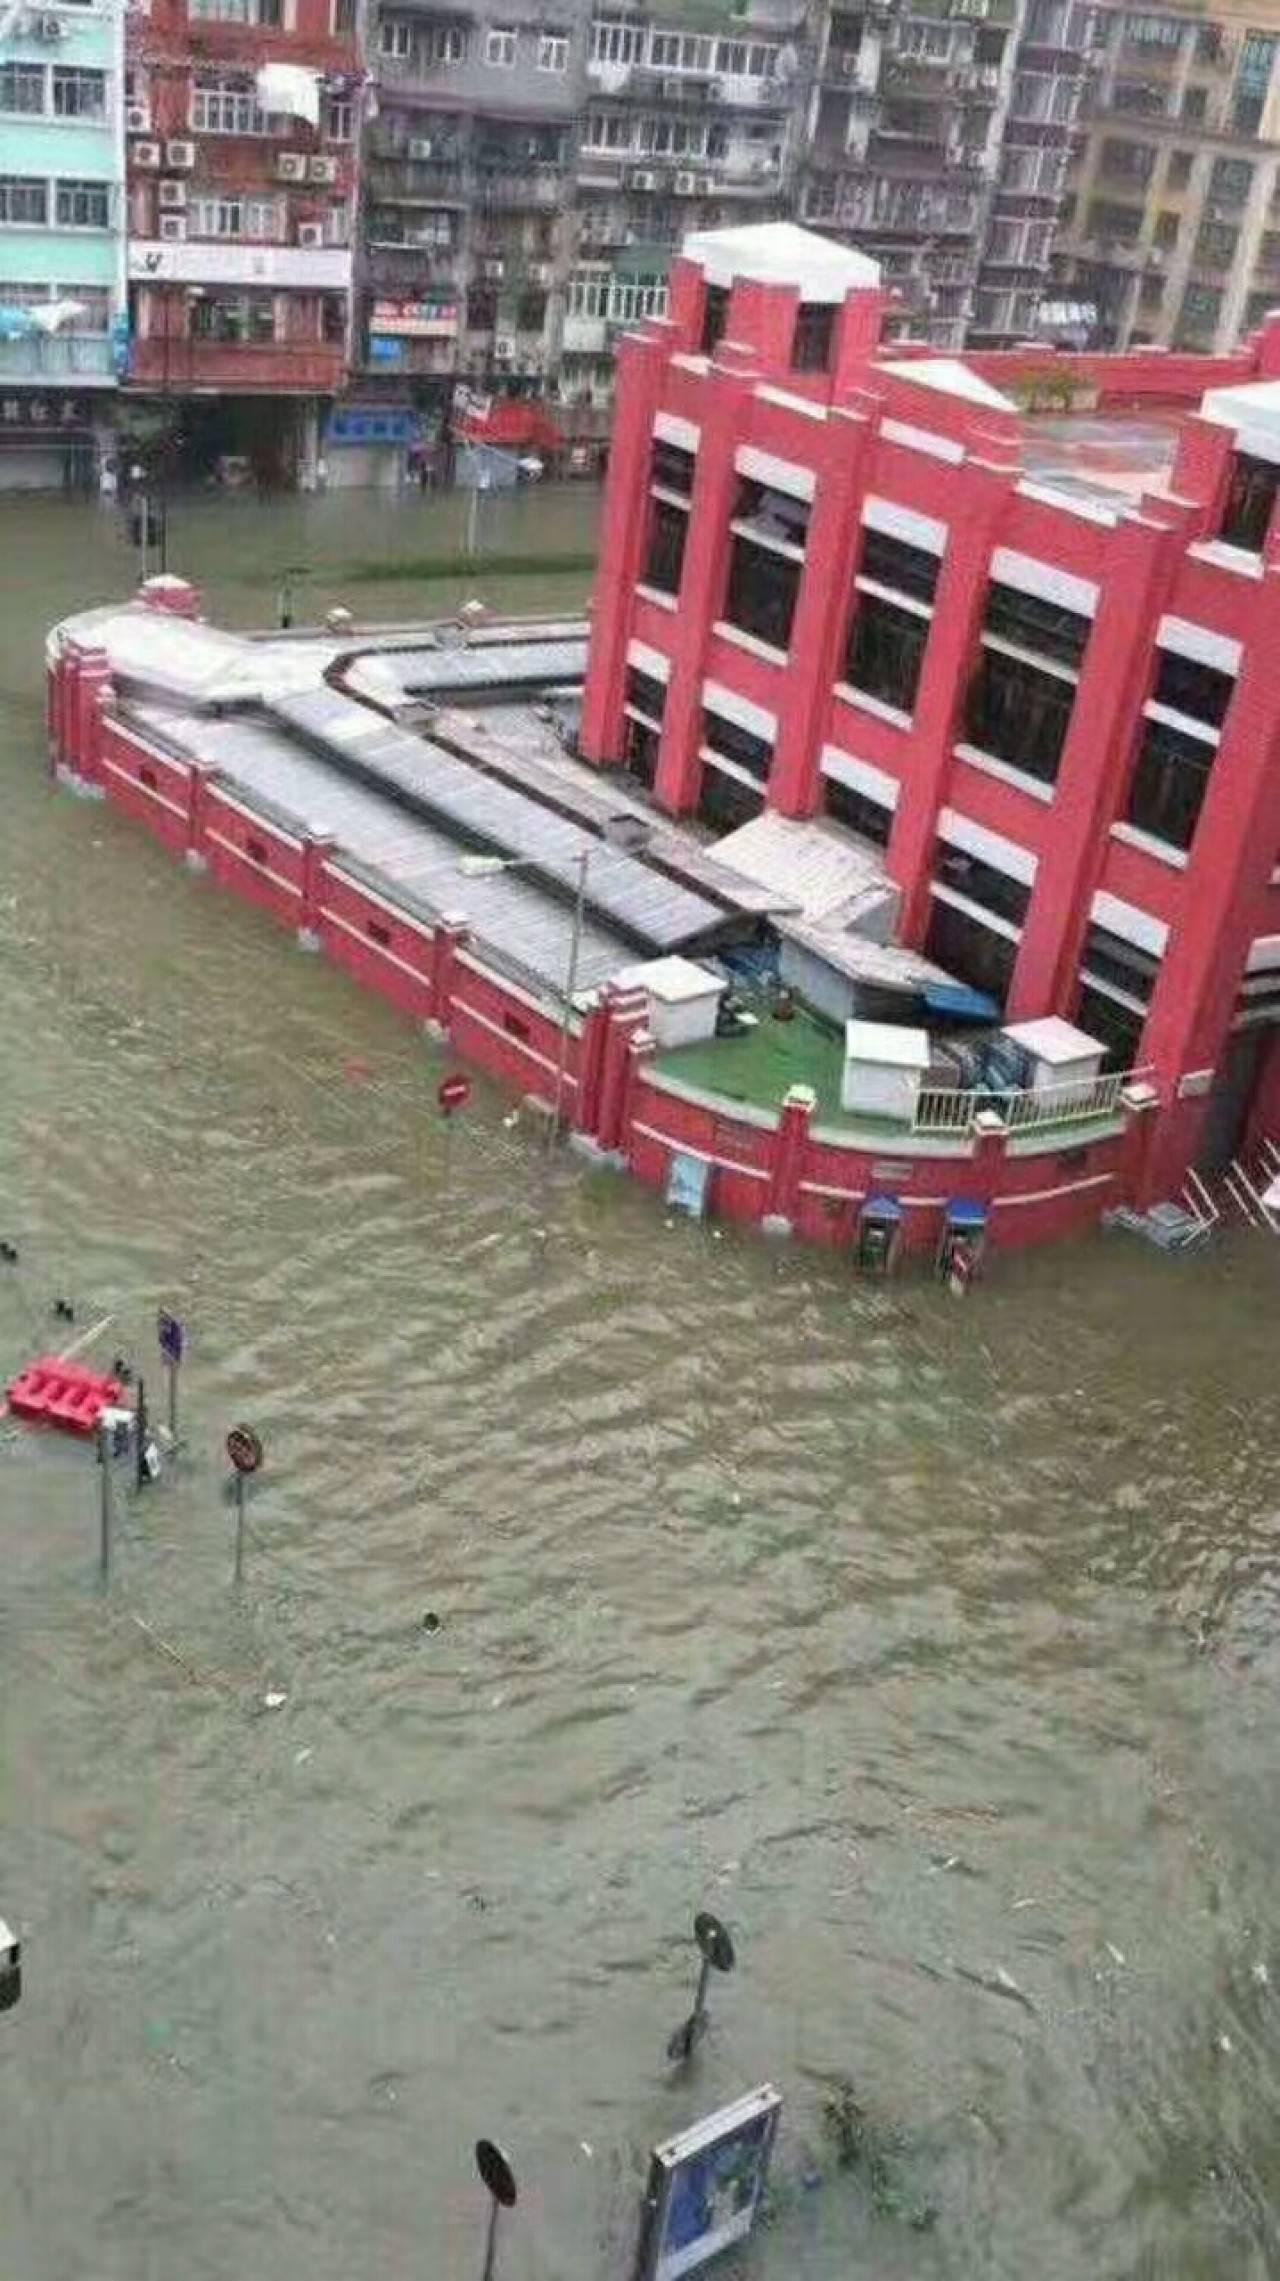 建於1936年、被列入澳門文物名錄上的街市建築的紅街市亦受大雨淹浸。(澳門特約記者攝)